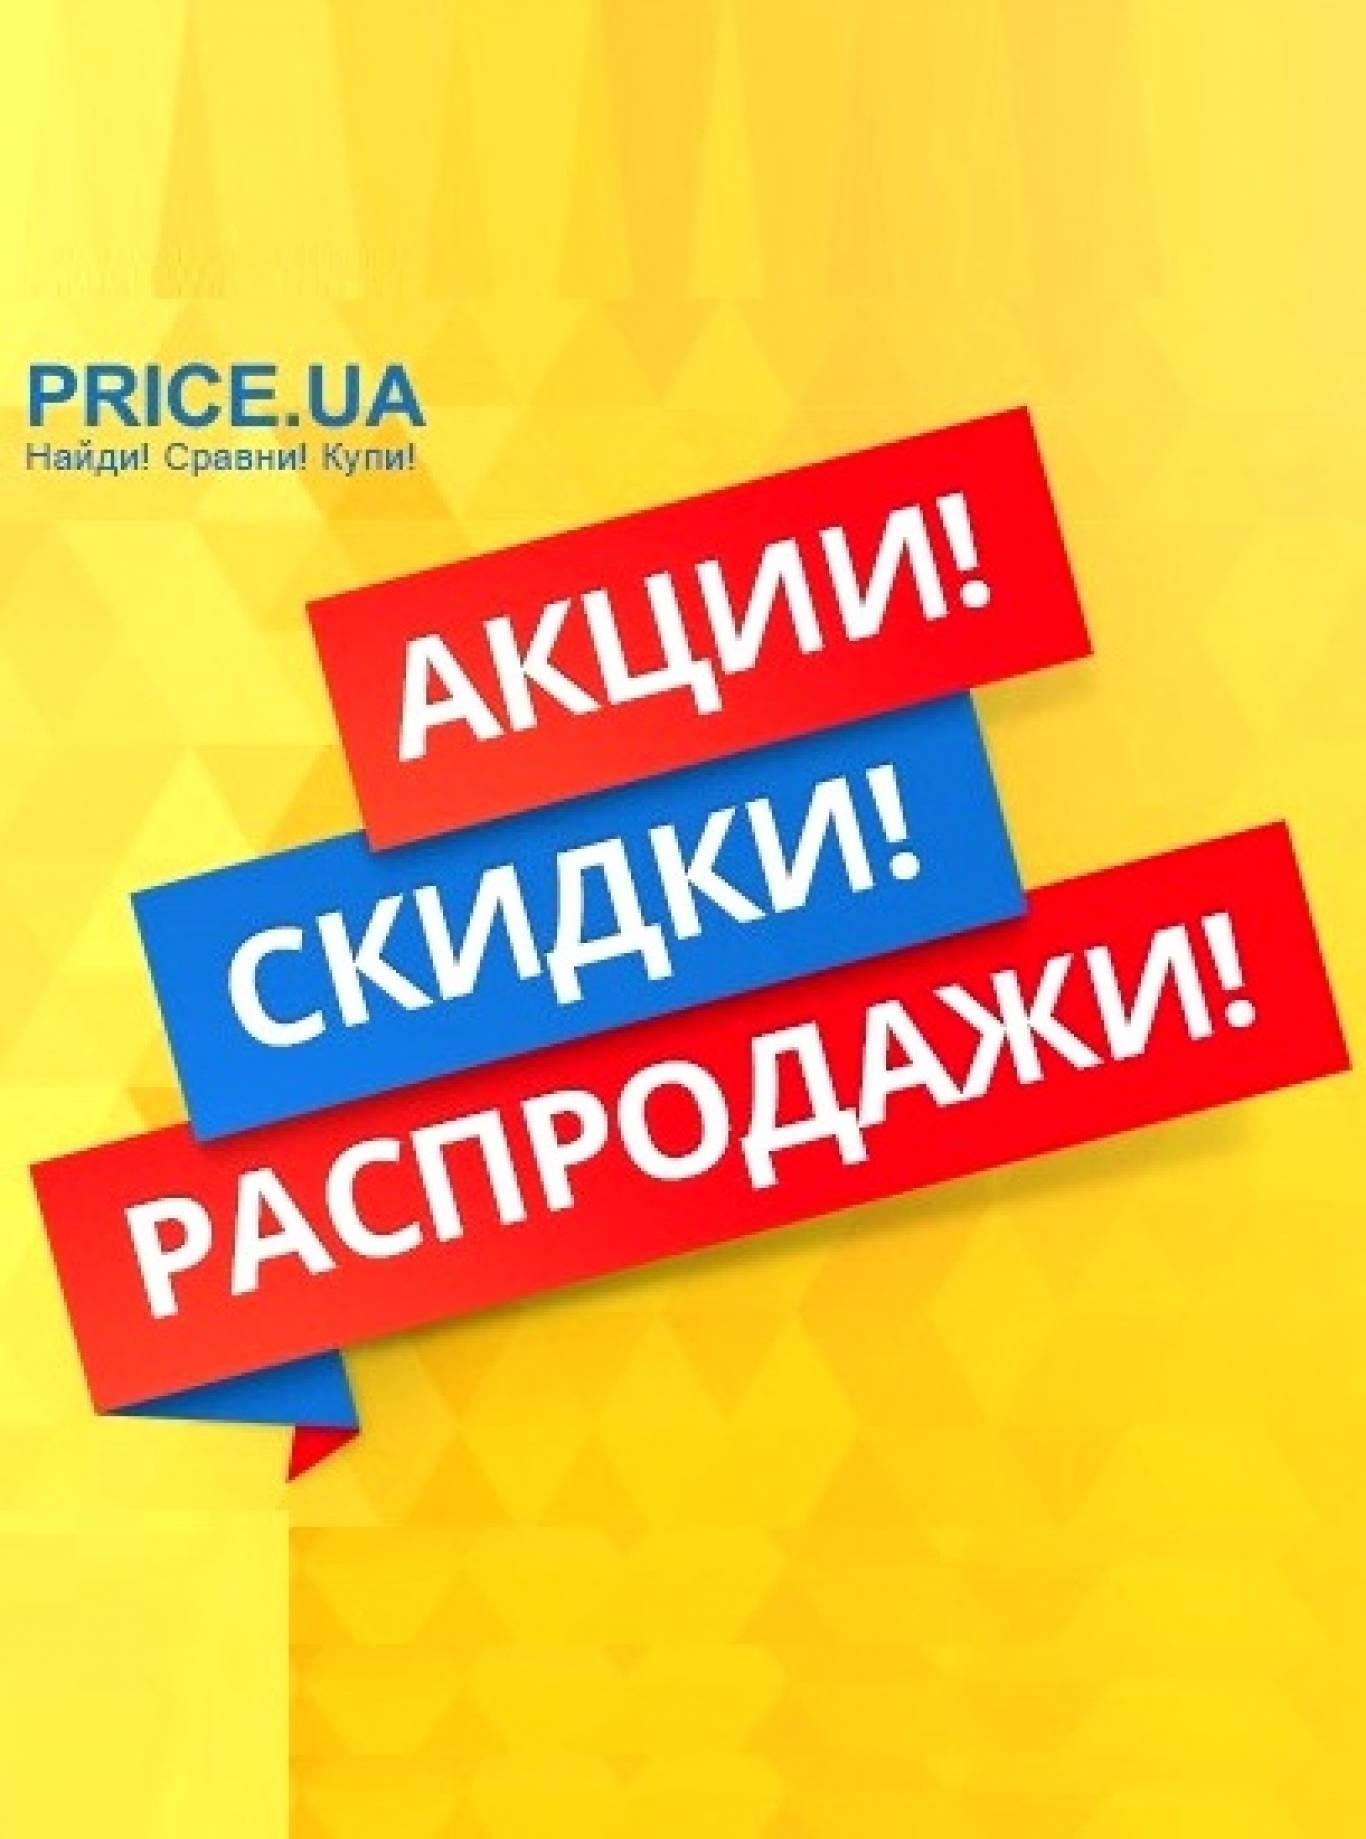 Покупки в интернет-магазине - выгодно или нет?